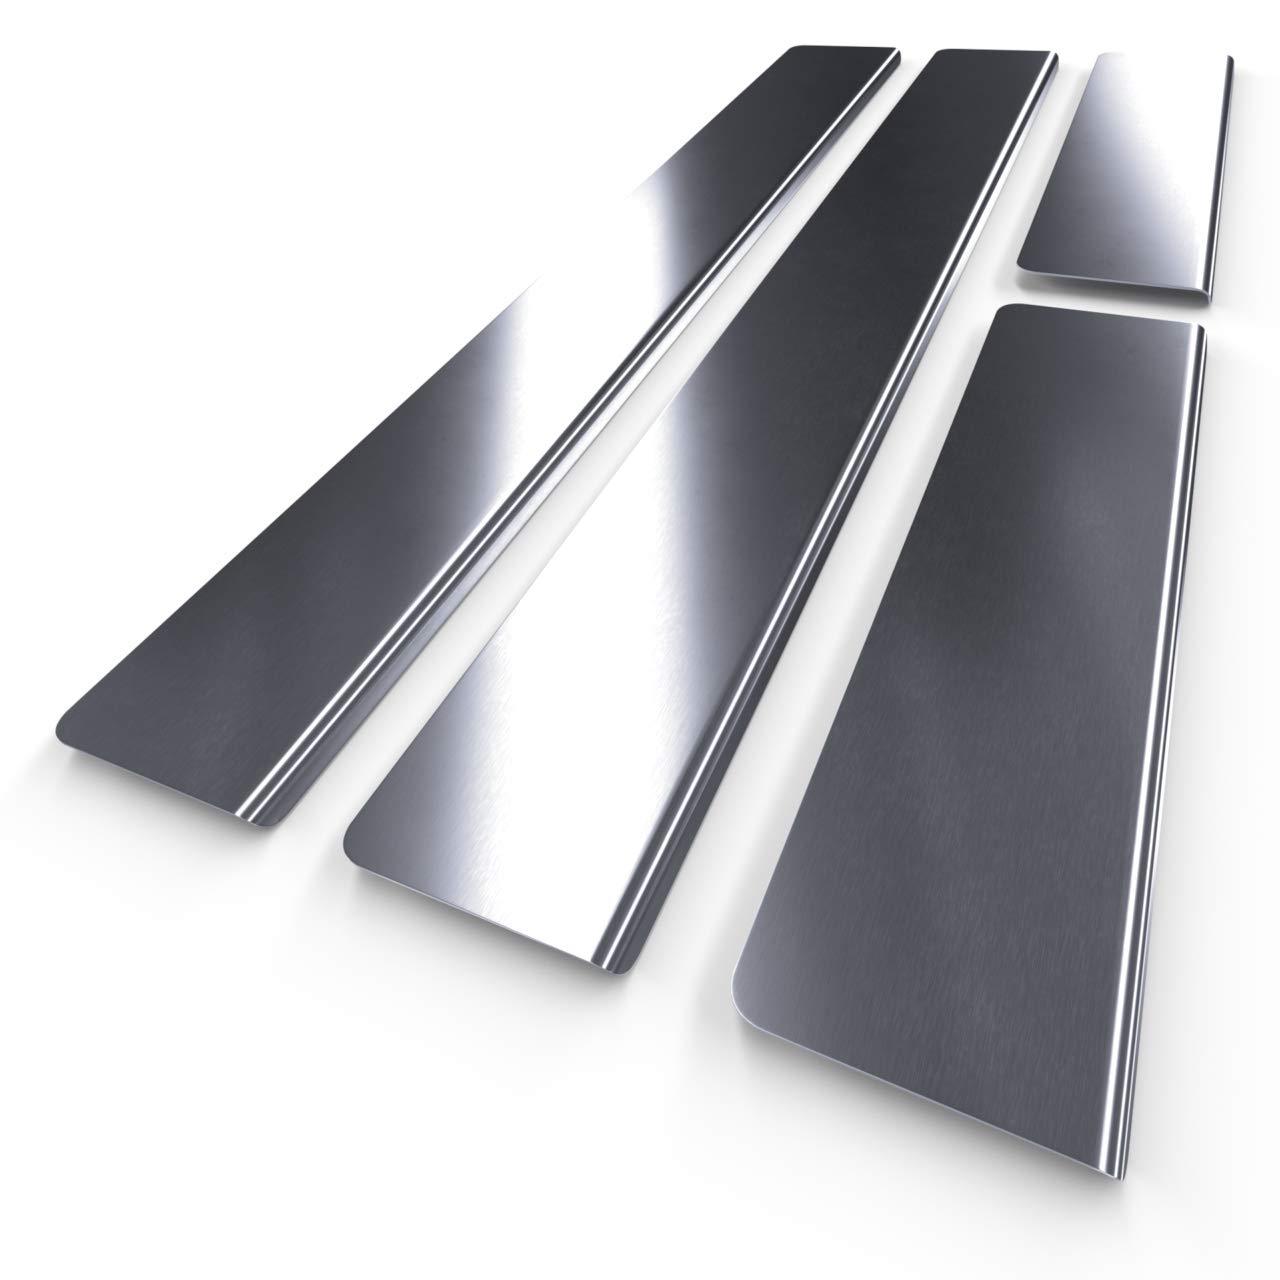 Protectores de acero para umbral de coche - plata - mate - kit de 4 piezas - 5902538700535: Amazon.es: Coche y moto